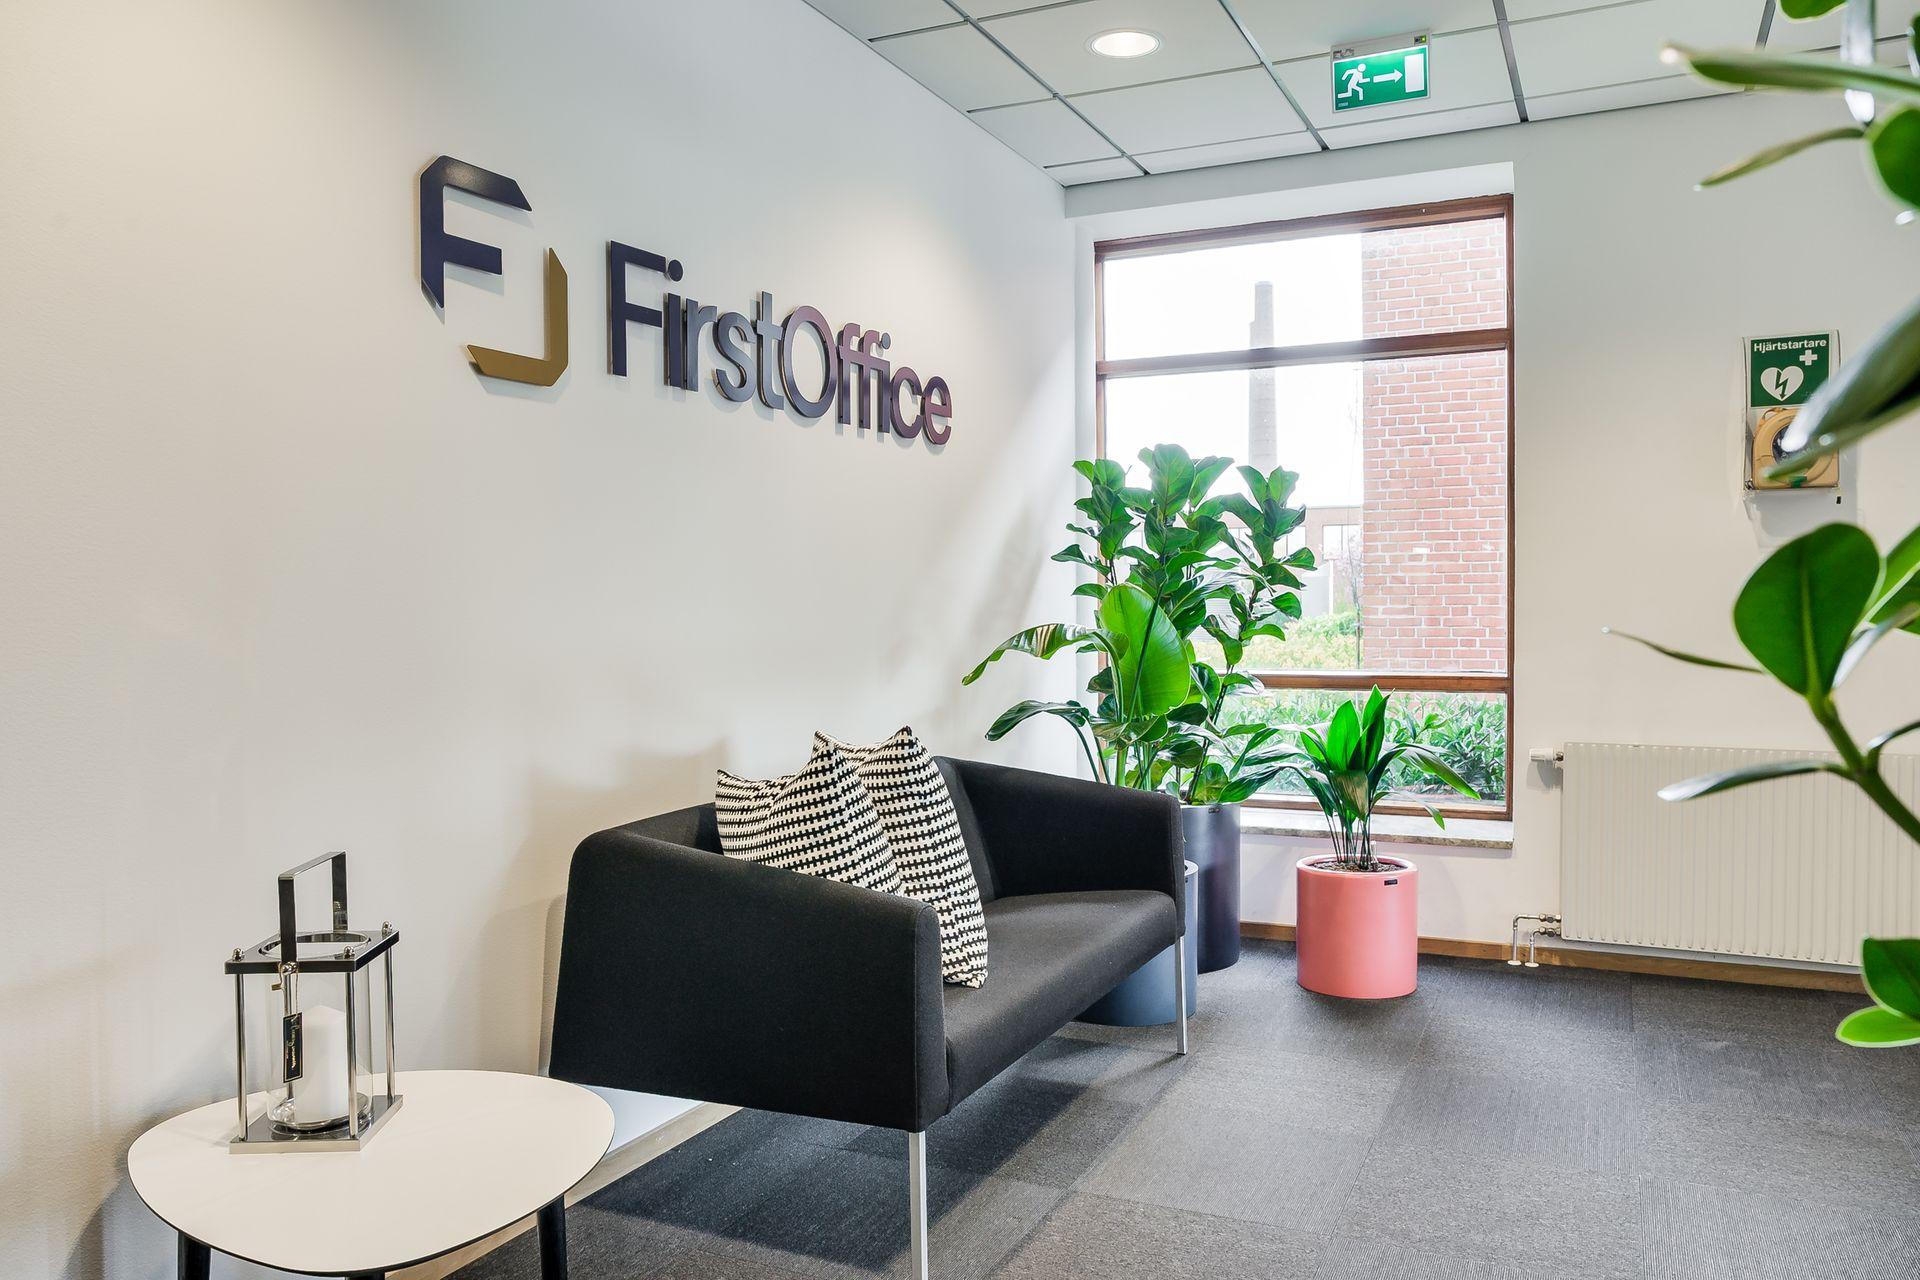 FirstOffice - Östra hamnen